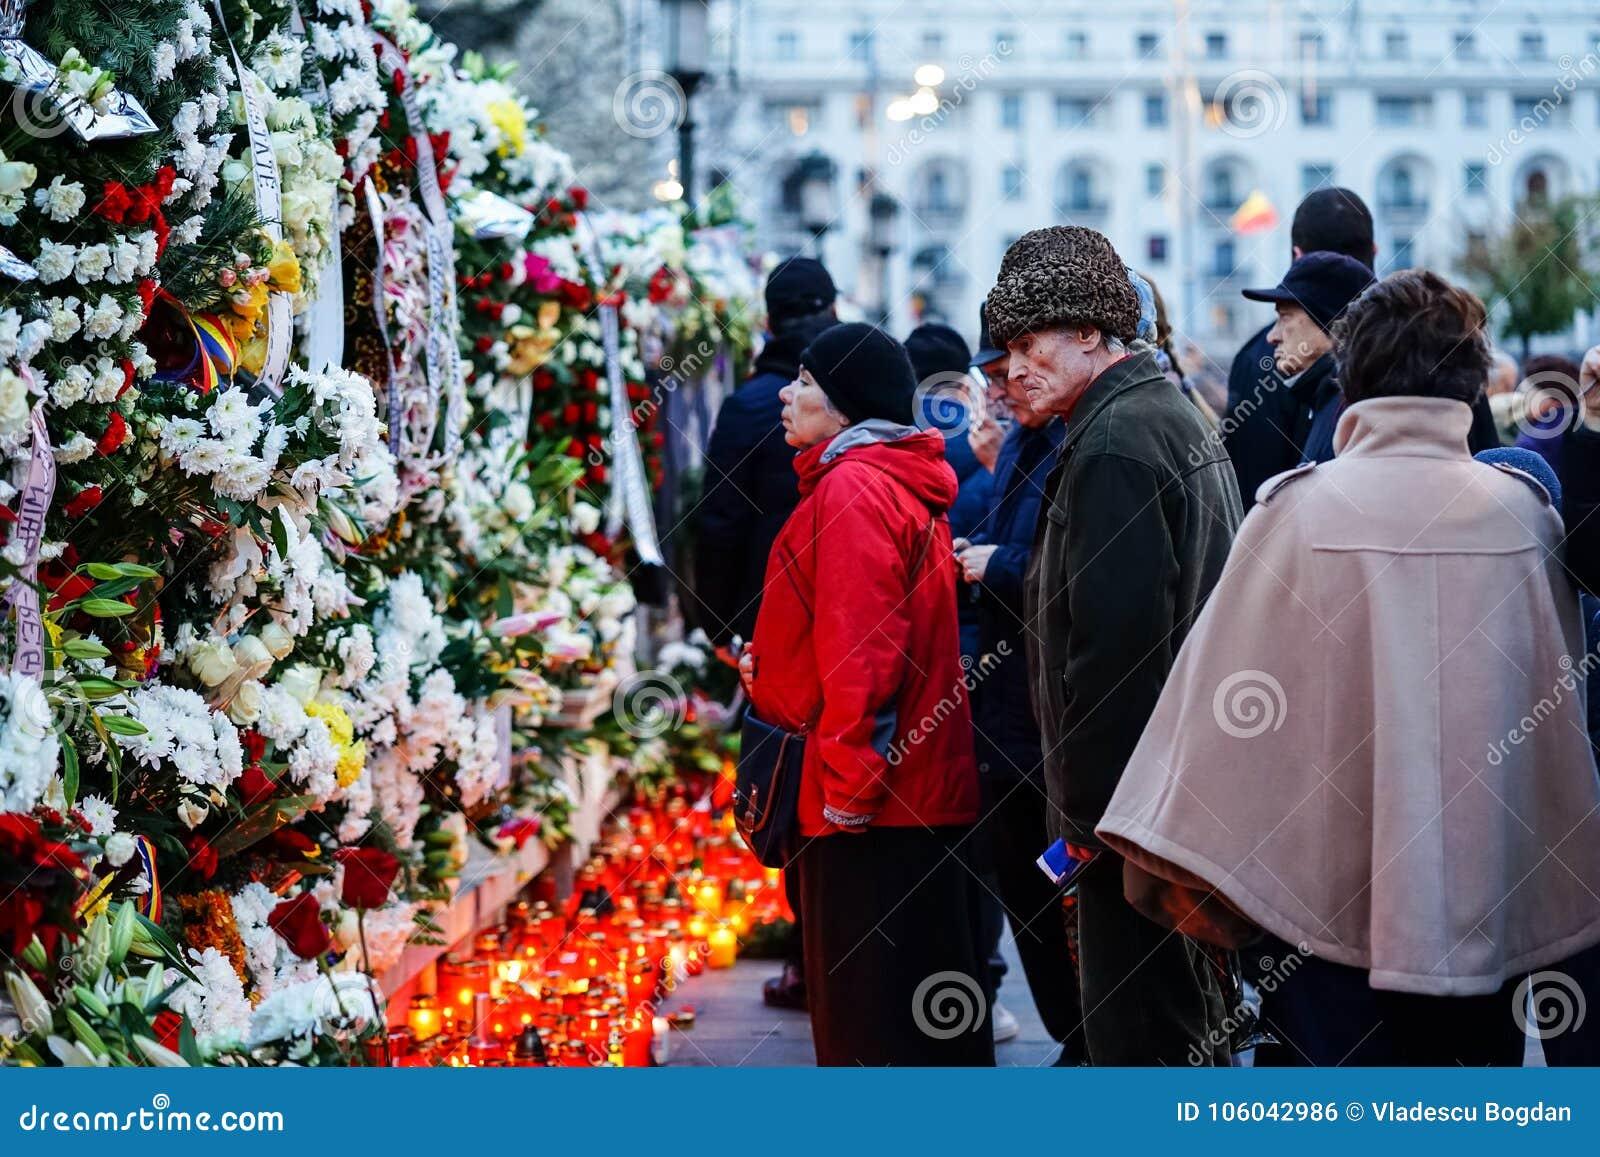 In memoriam of death of King Mihai of Romania